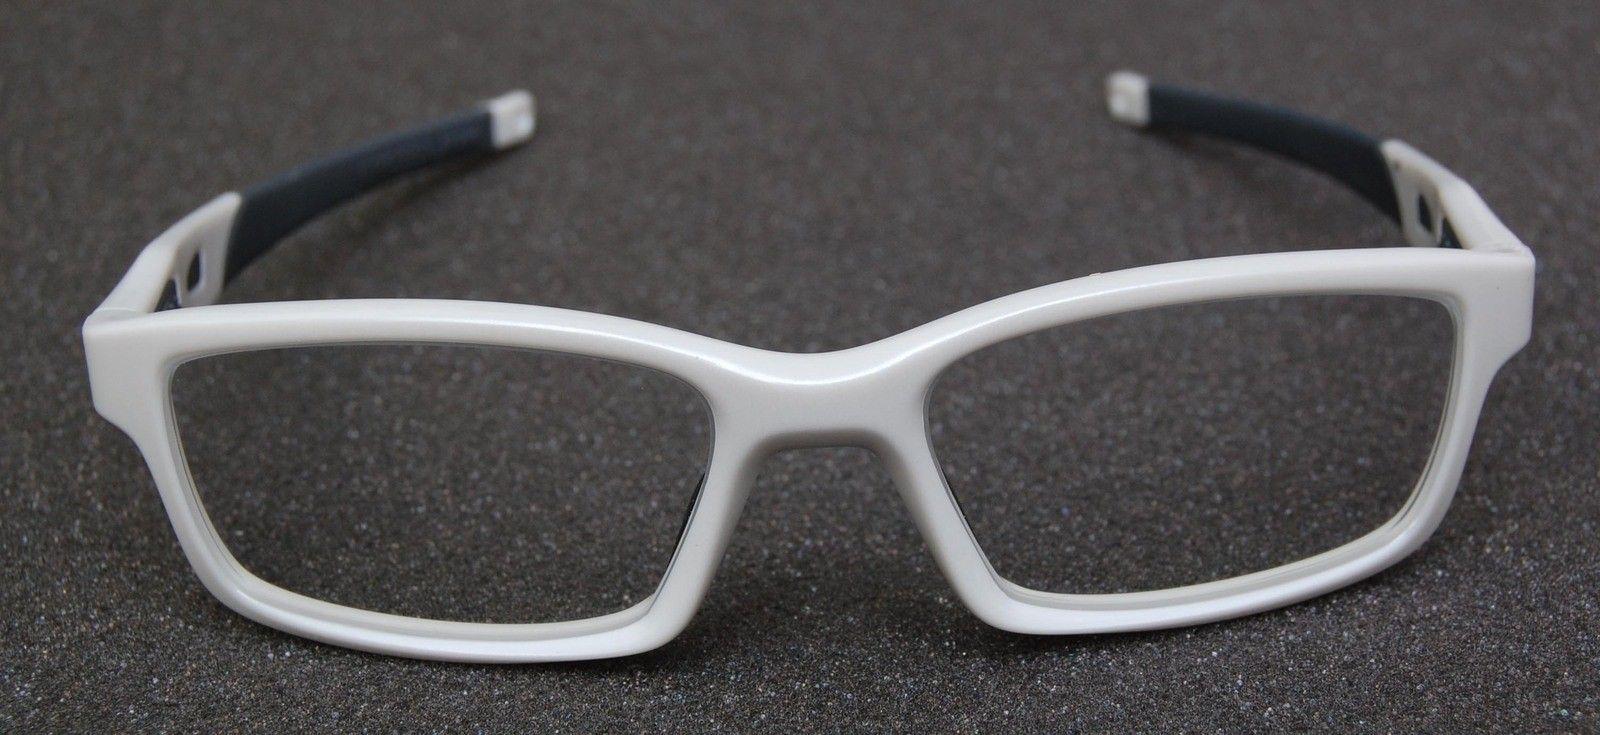 Oakley Crosslink OX8027-0453 Pearl White / Grey Rx Prescription - 03.jpg